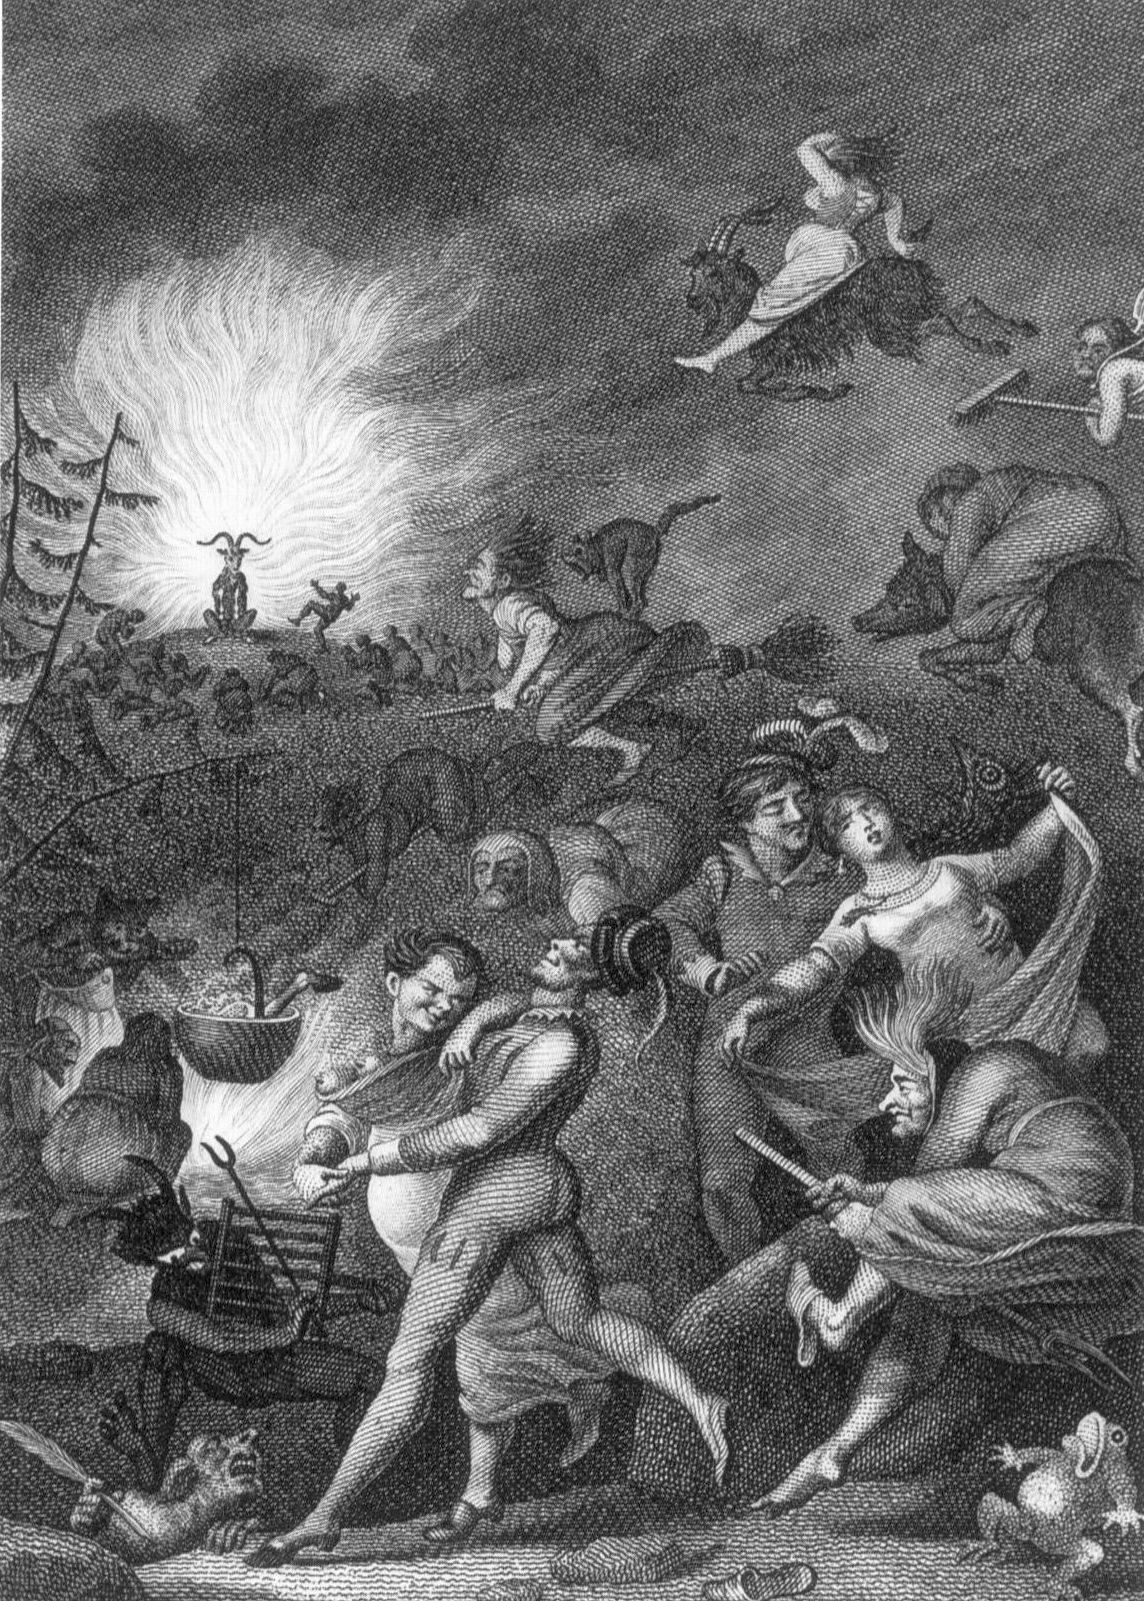 Auf dem Bild ist ein Kupferstich von der Walpurgisnacht zu sehen